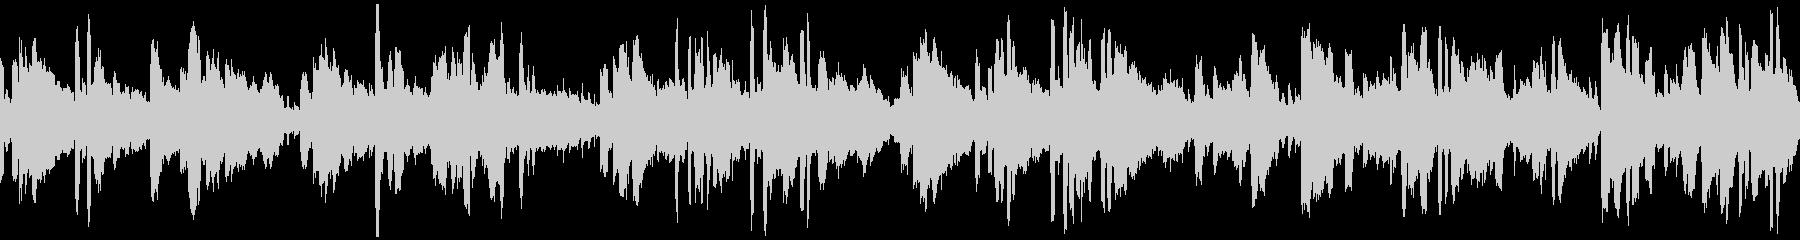 素朴な癒しケルト風BGMの未再生の波形